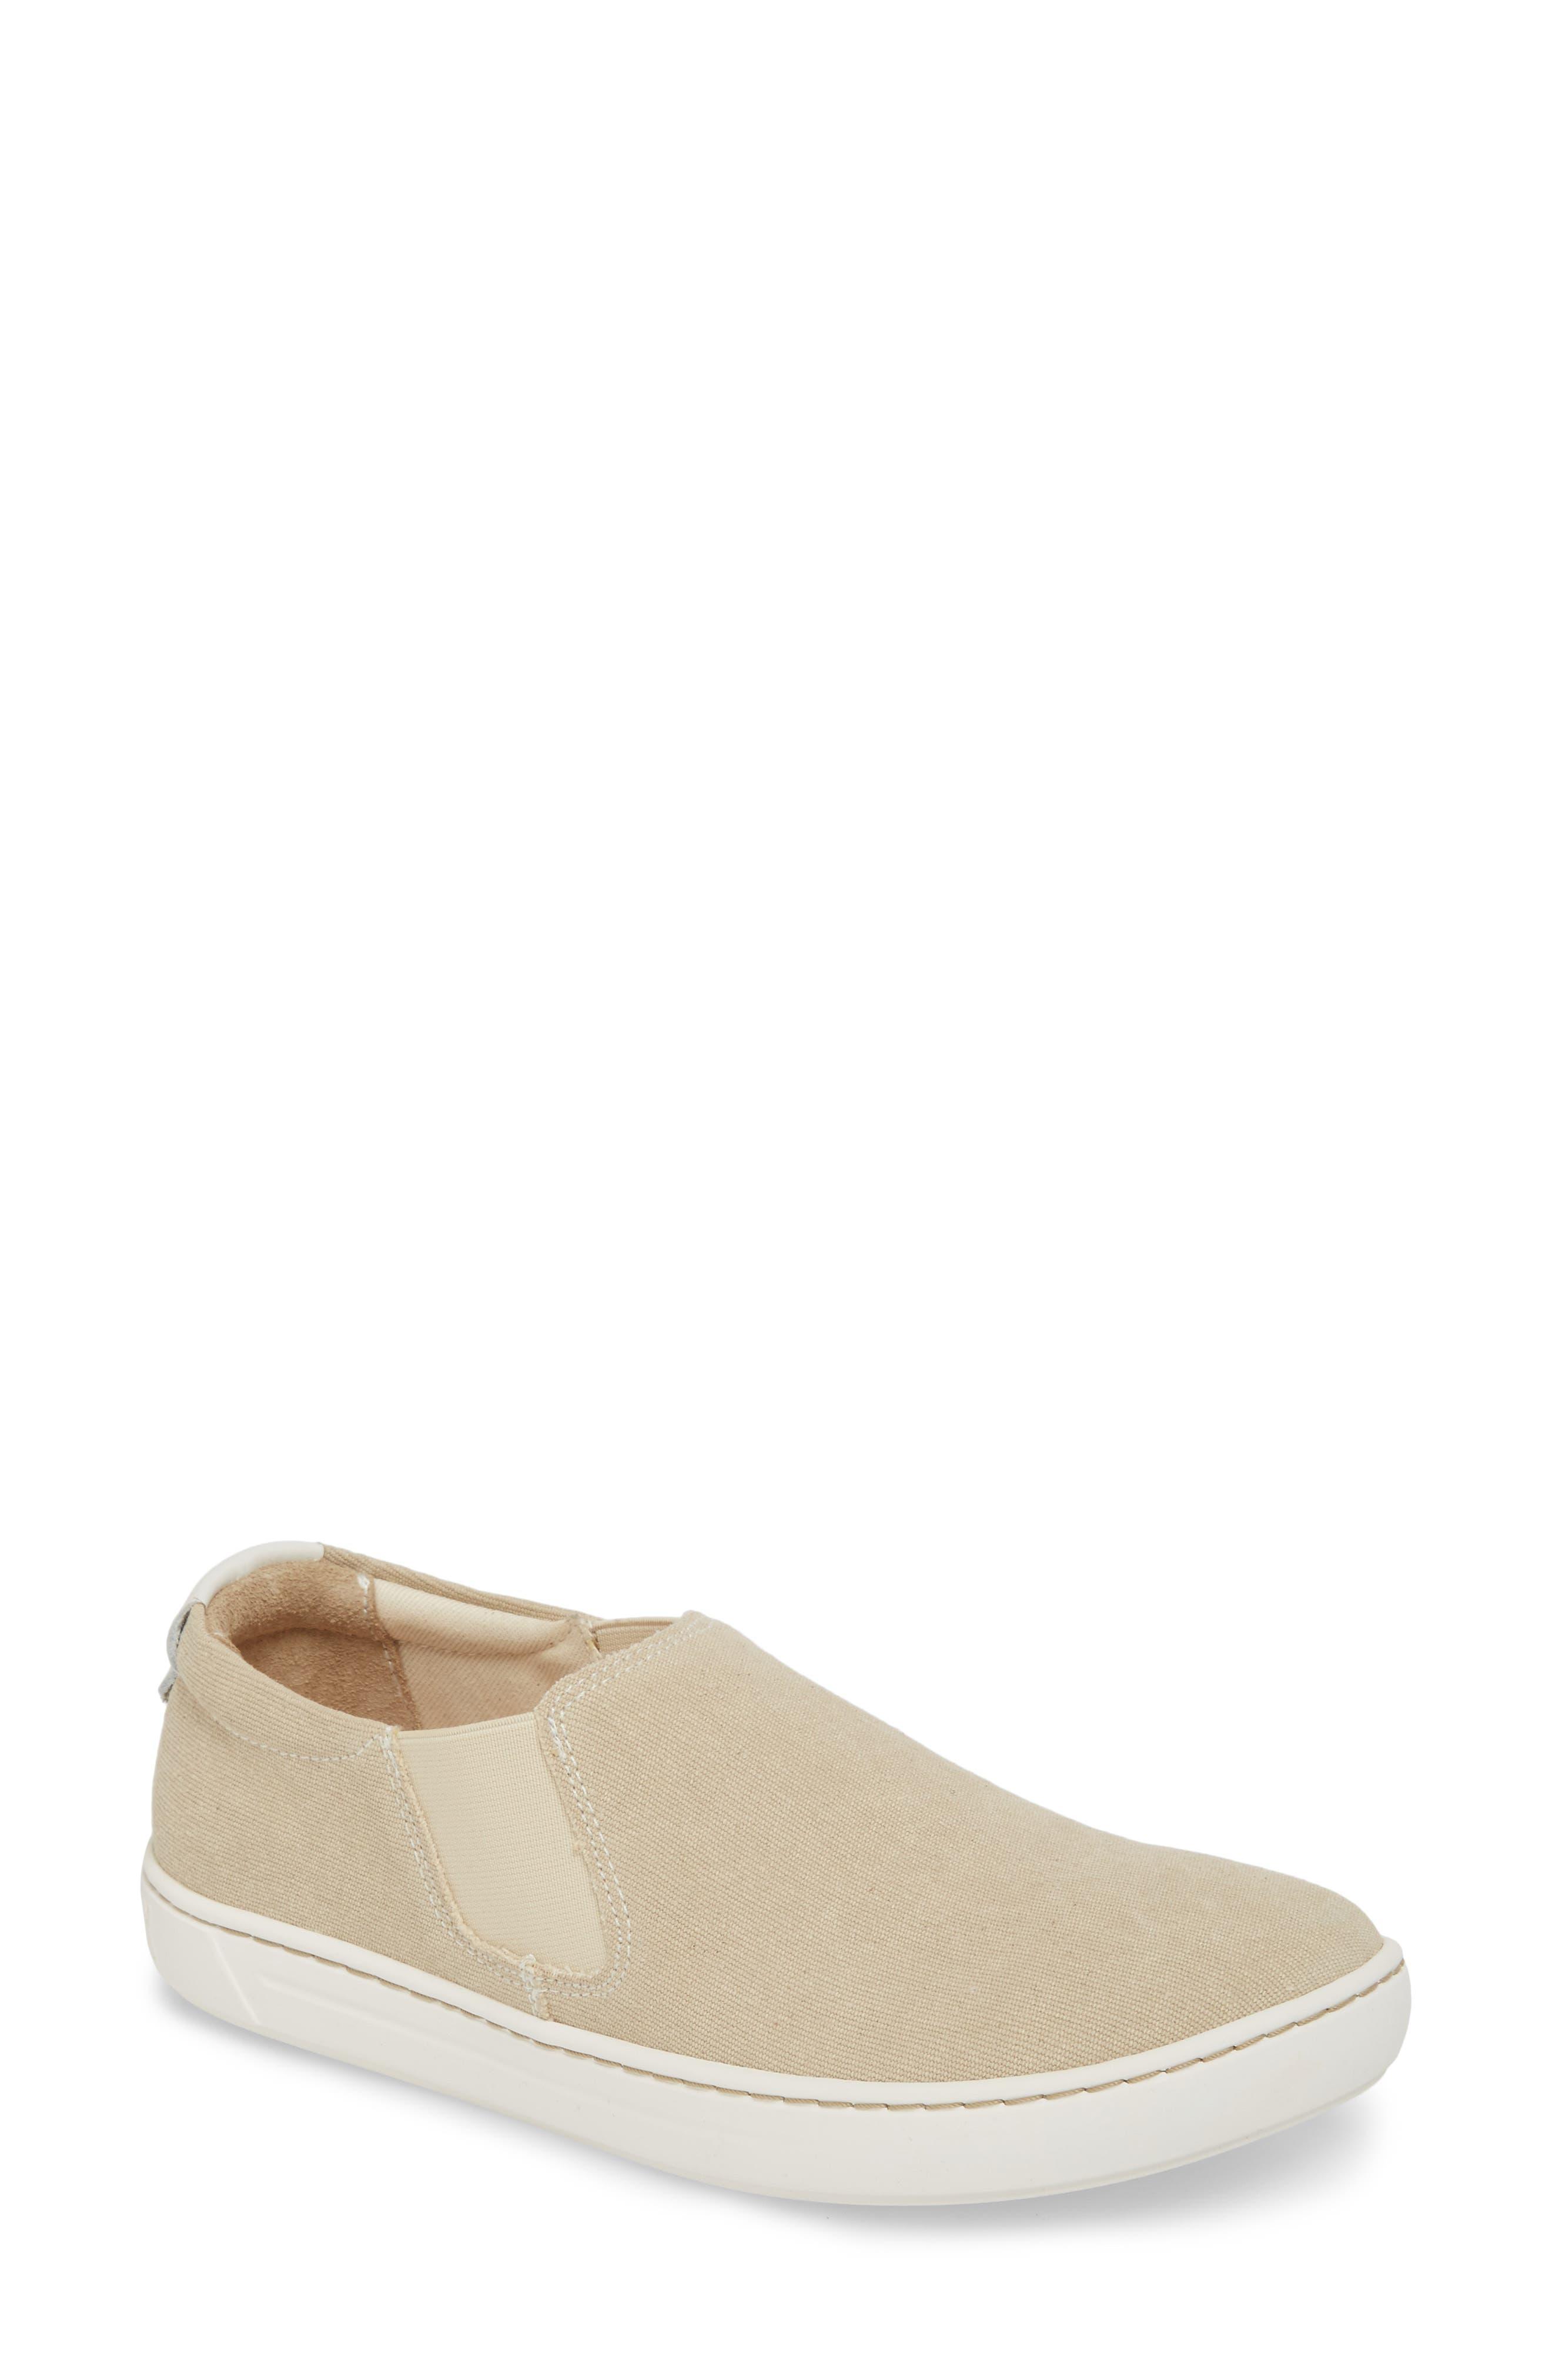 Birkenstock Barrie Slip-On Sneaker,5.5 - Beige